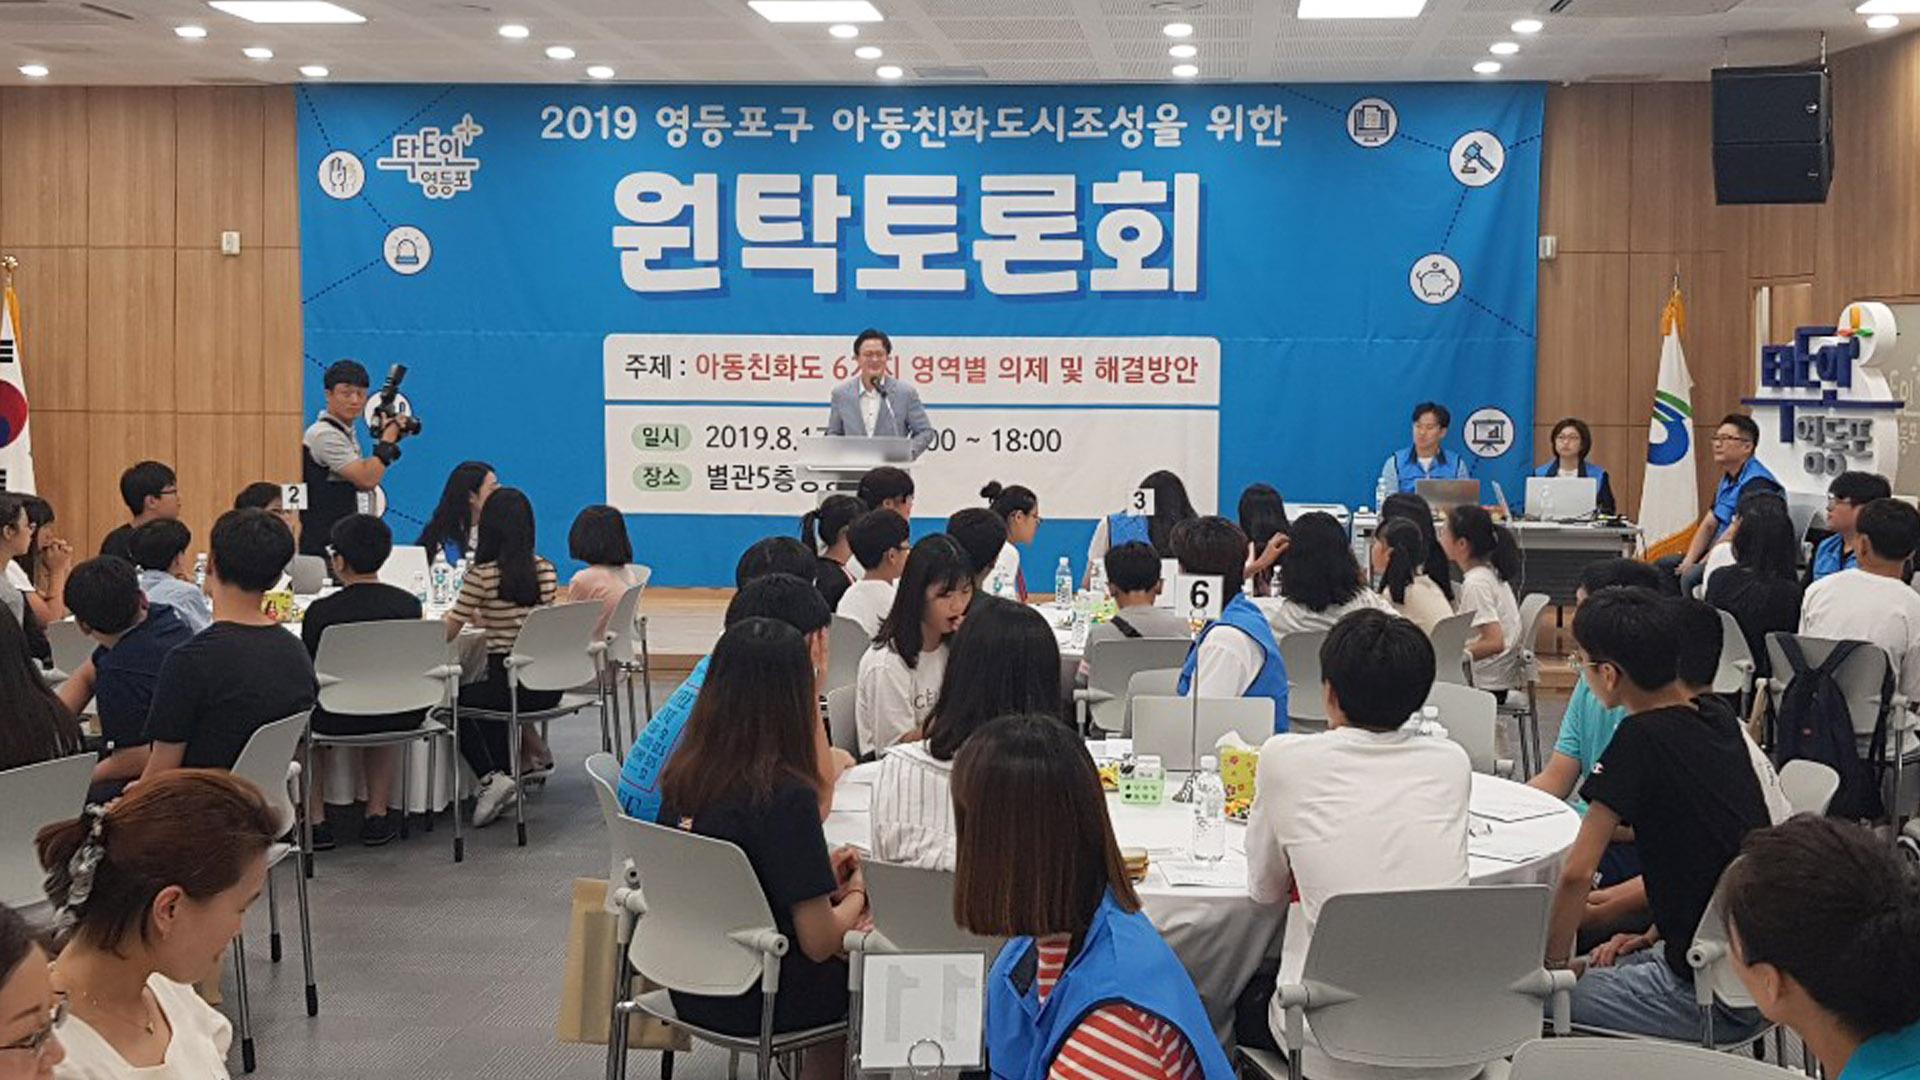 영등포구 유니세프 아동친화도시 조성 원탁토론회